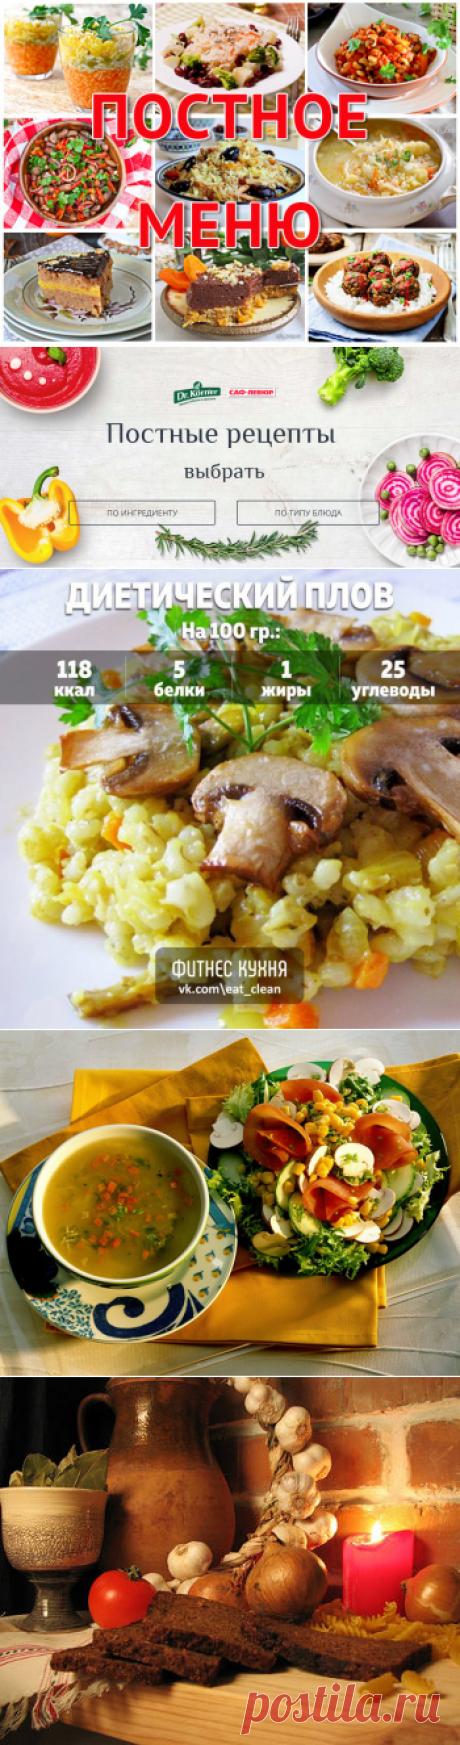 """POST * ⭕⭕⭕   Taya \ud83d\ude0d\ud83d\ude3bღ • ° ˜\"""" * ° •. ♥. • Fog ✔   Recipes of simple and tasty food on Postila"""